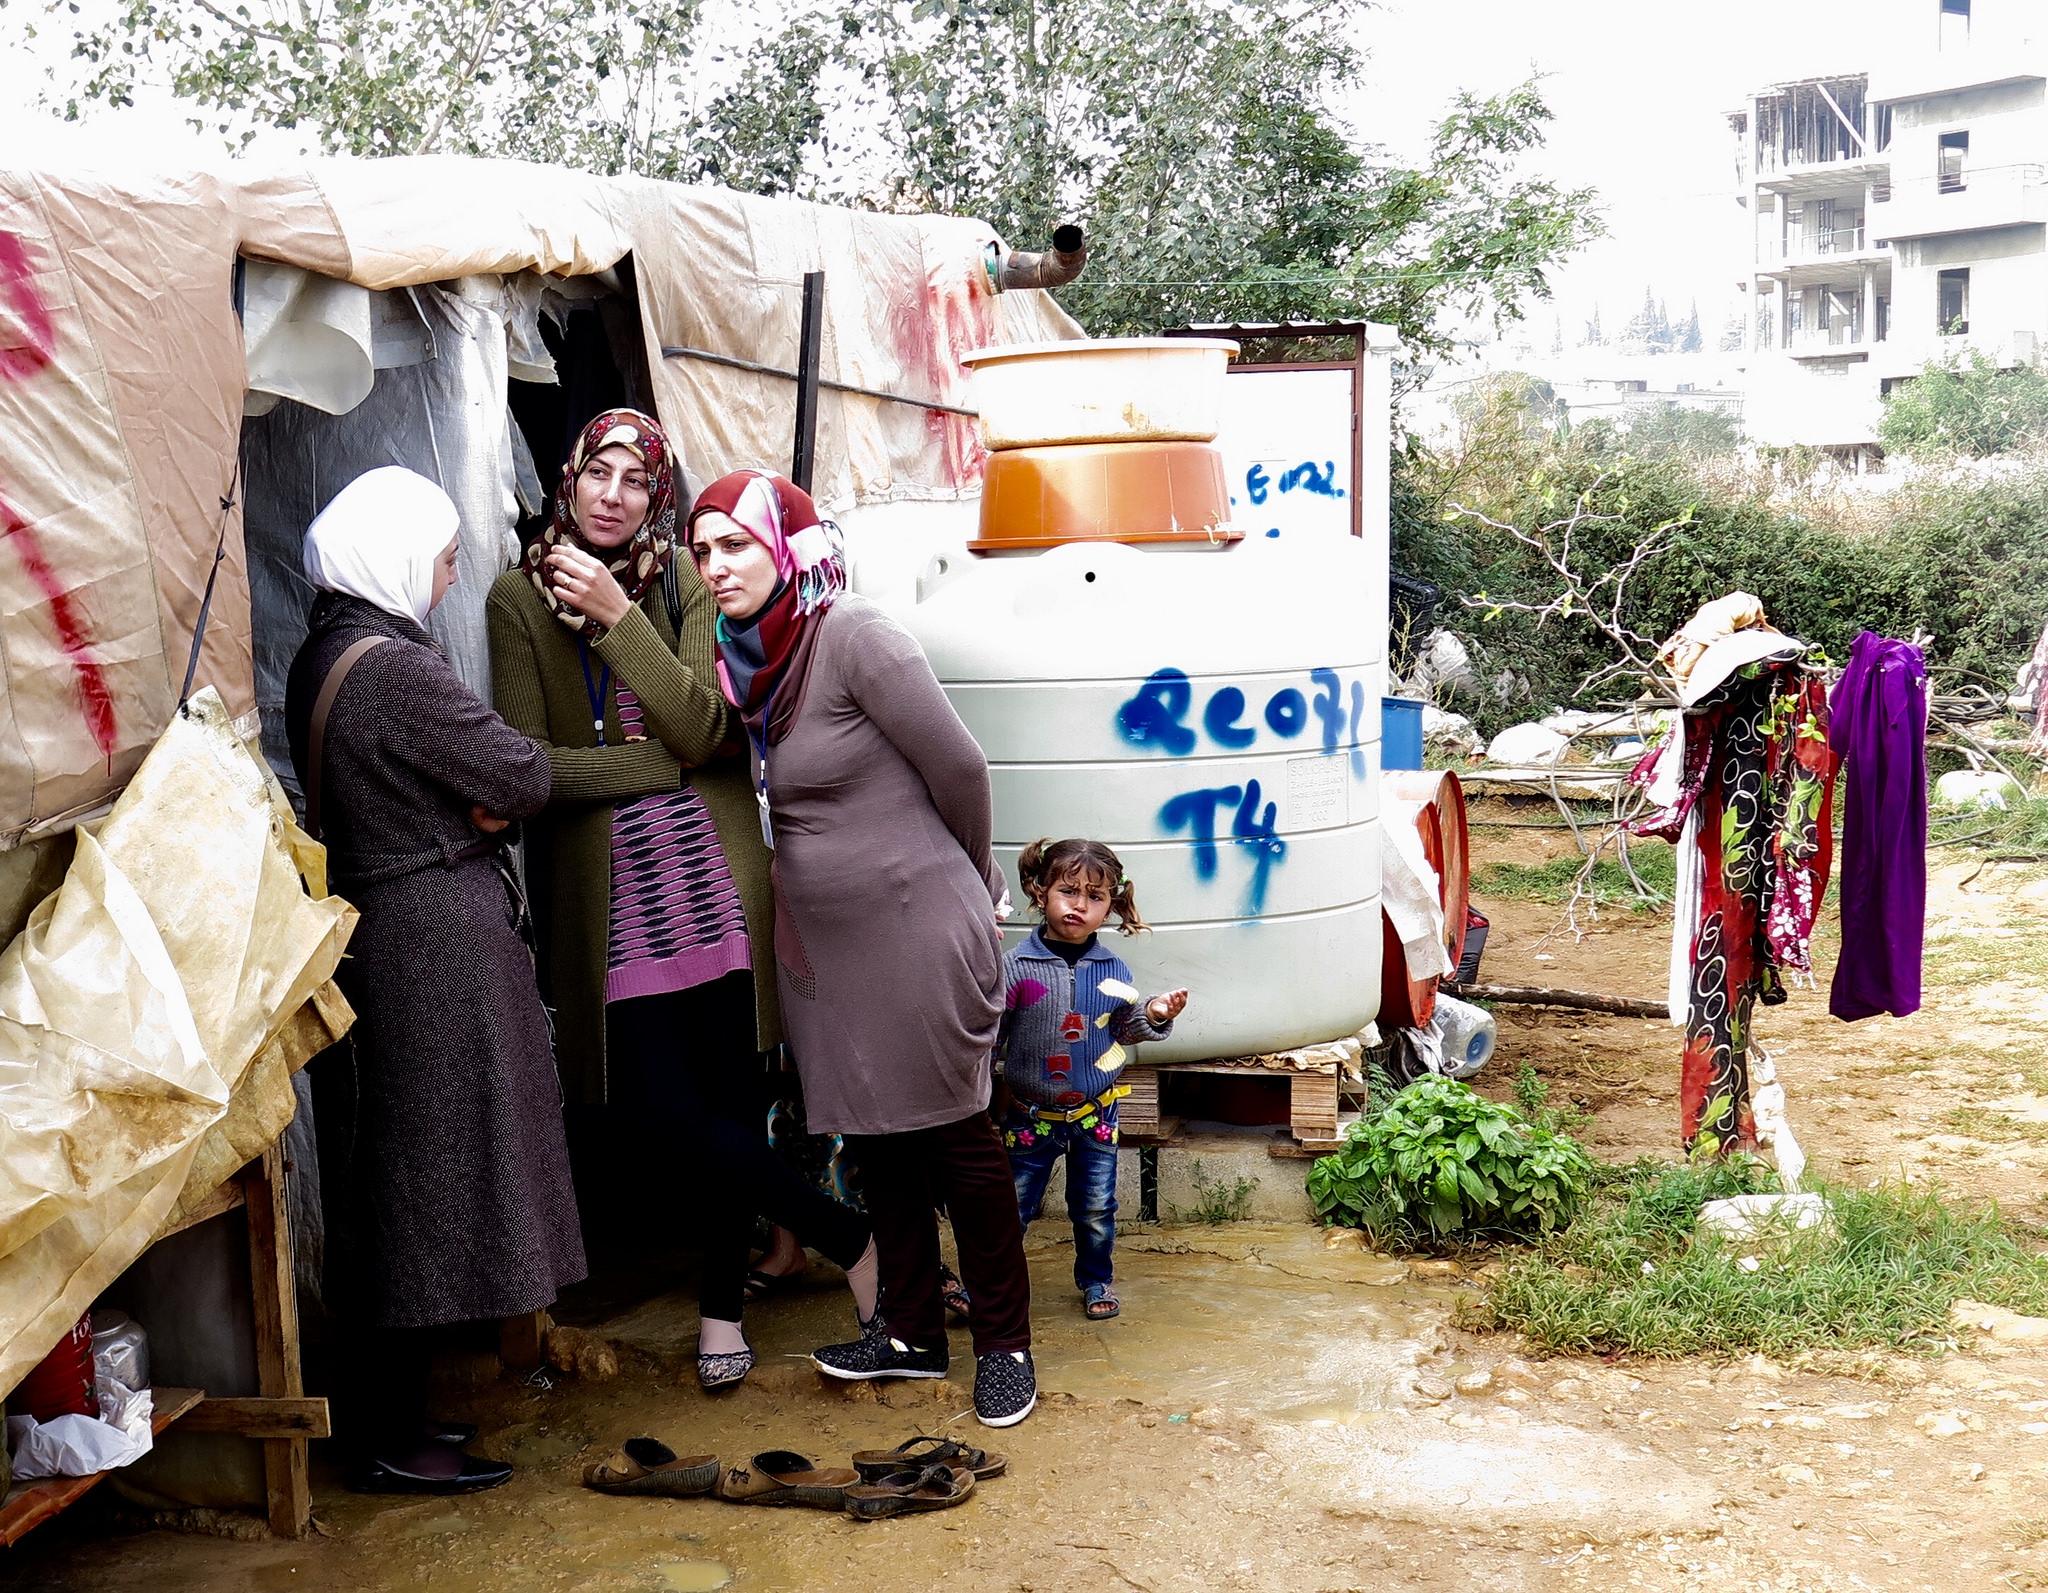 Flüchtlinge aus Libanon und Jordanien könnte bald auch Schutz durch die EU gewährt werden.